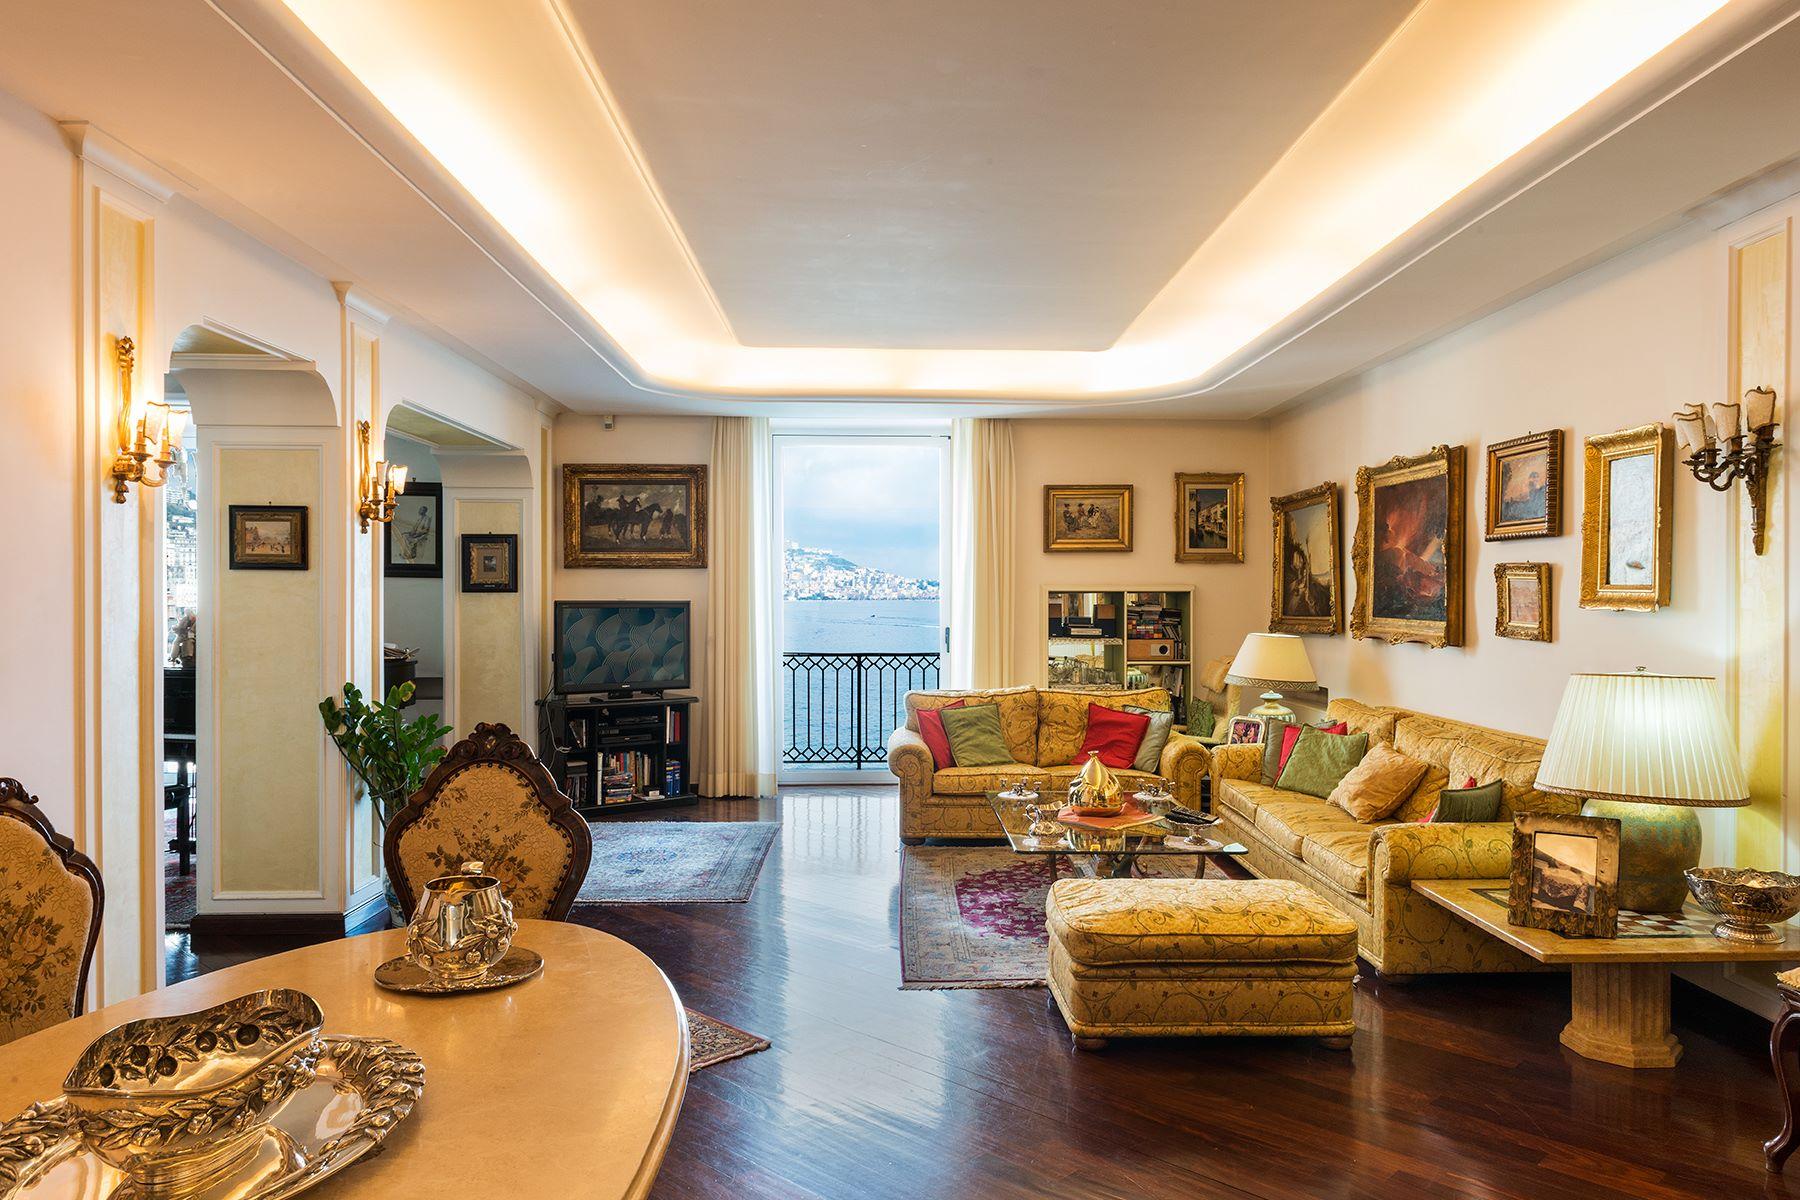 Appartamento per Vendita alle ore Meraviglioso appartamento panoramico tra verde e mare Via Ferdinando Russo Napoli, Napoli 80123 Italia